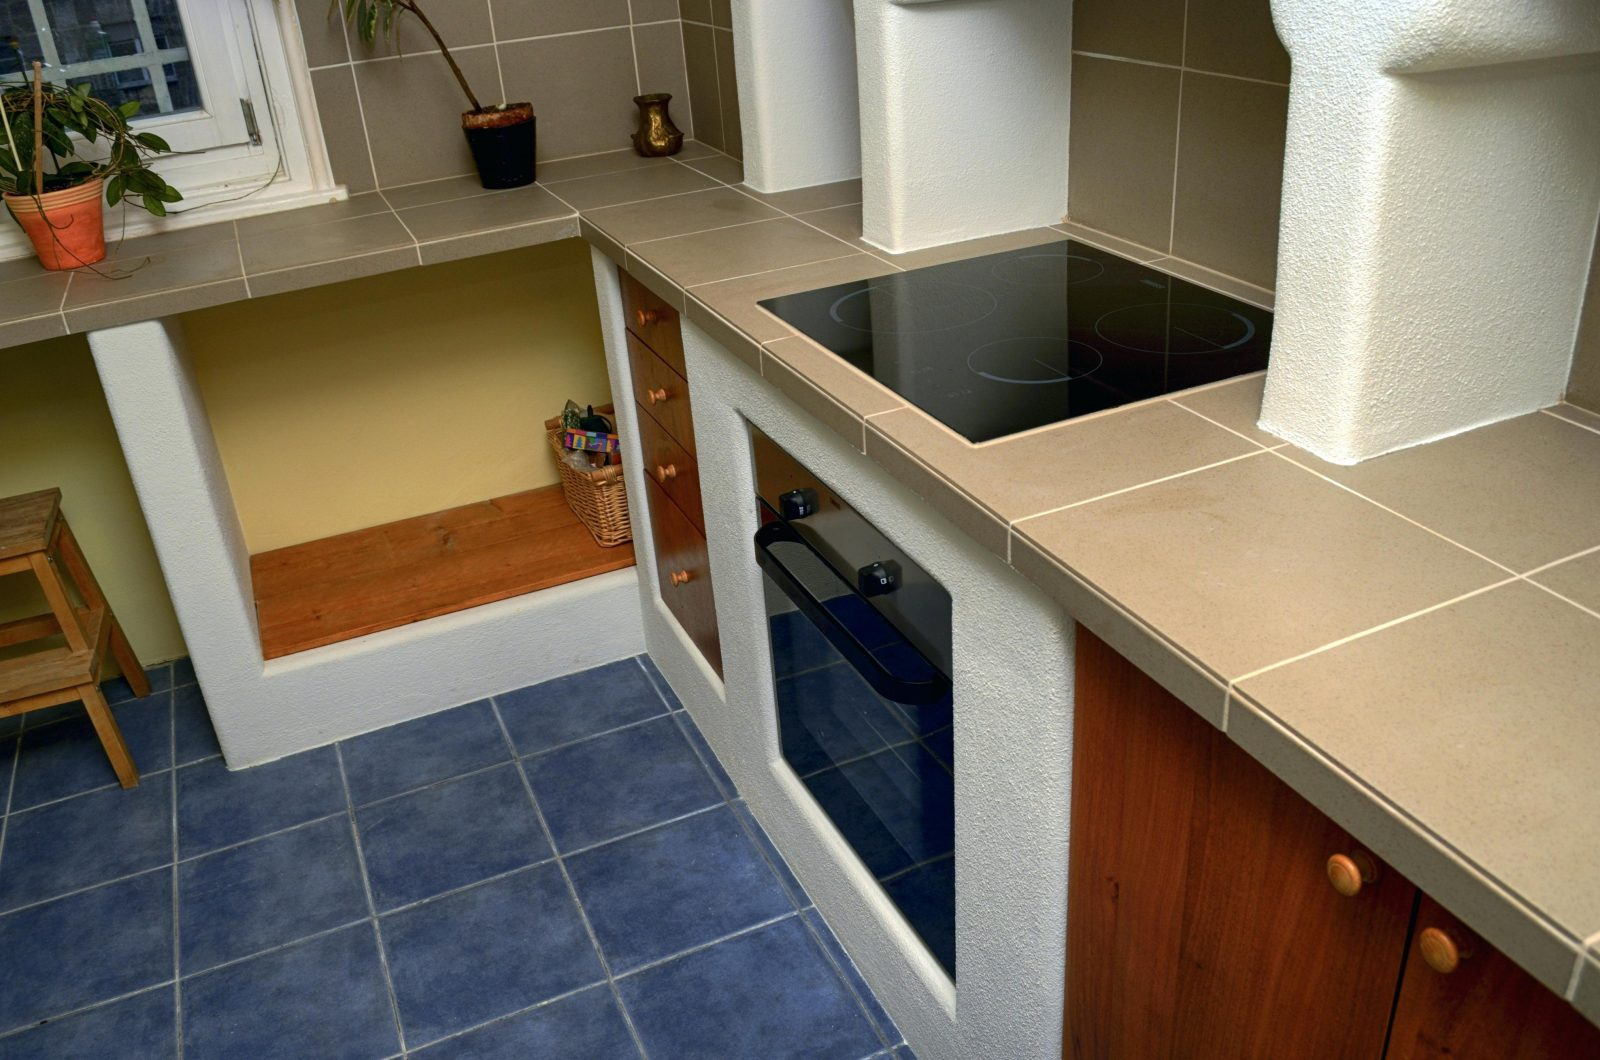 Outdoor Küche Bauplan : Bauanleitung outdoor küche mauern outdoor küche selber bauen